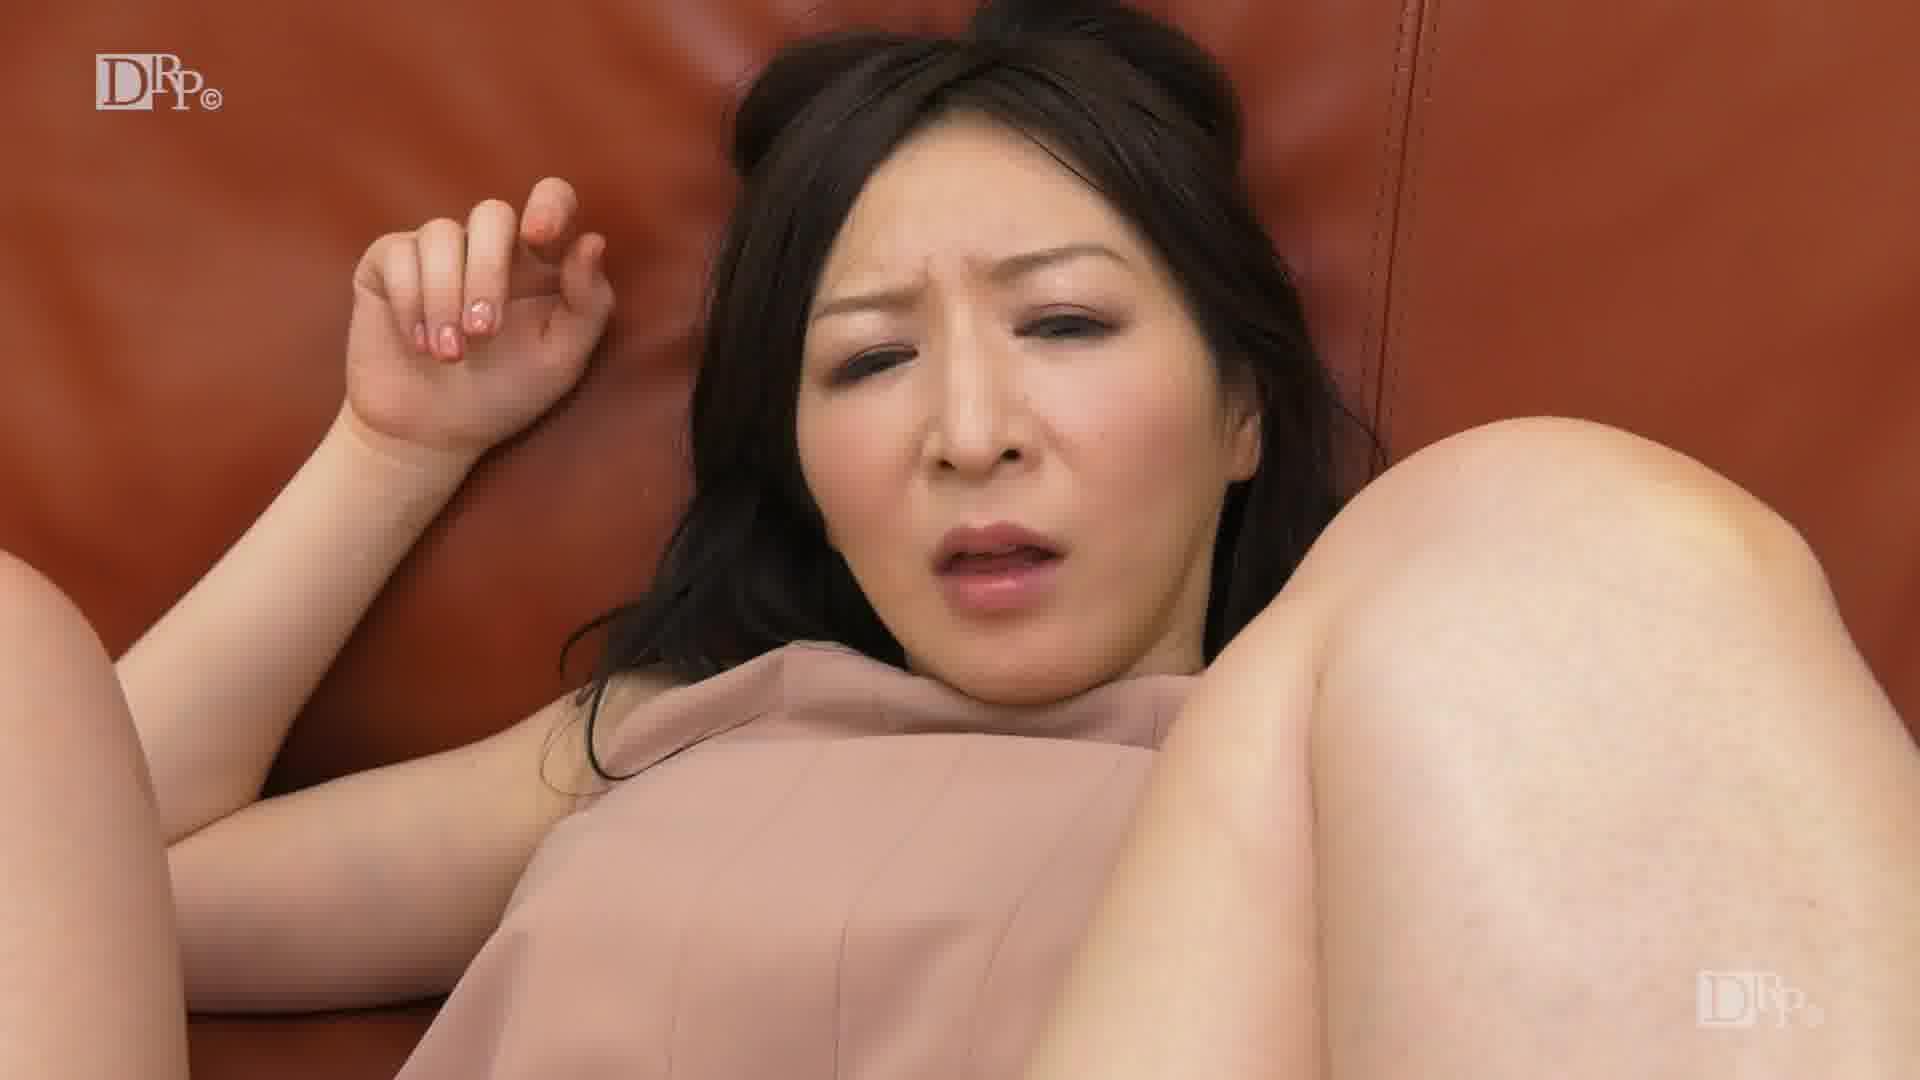 四十路女優ドキュメント ~潮を吹きイキまくる巨乳熟女~ - 大橋ひとみ【巨乳・中出し・ドキュメンタリー】